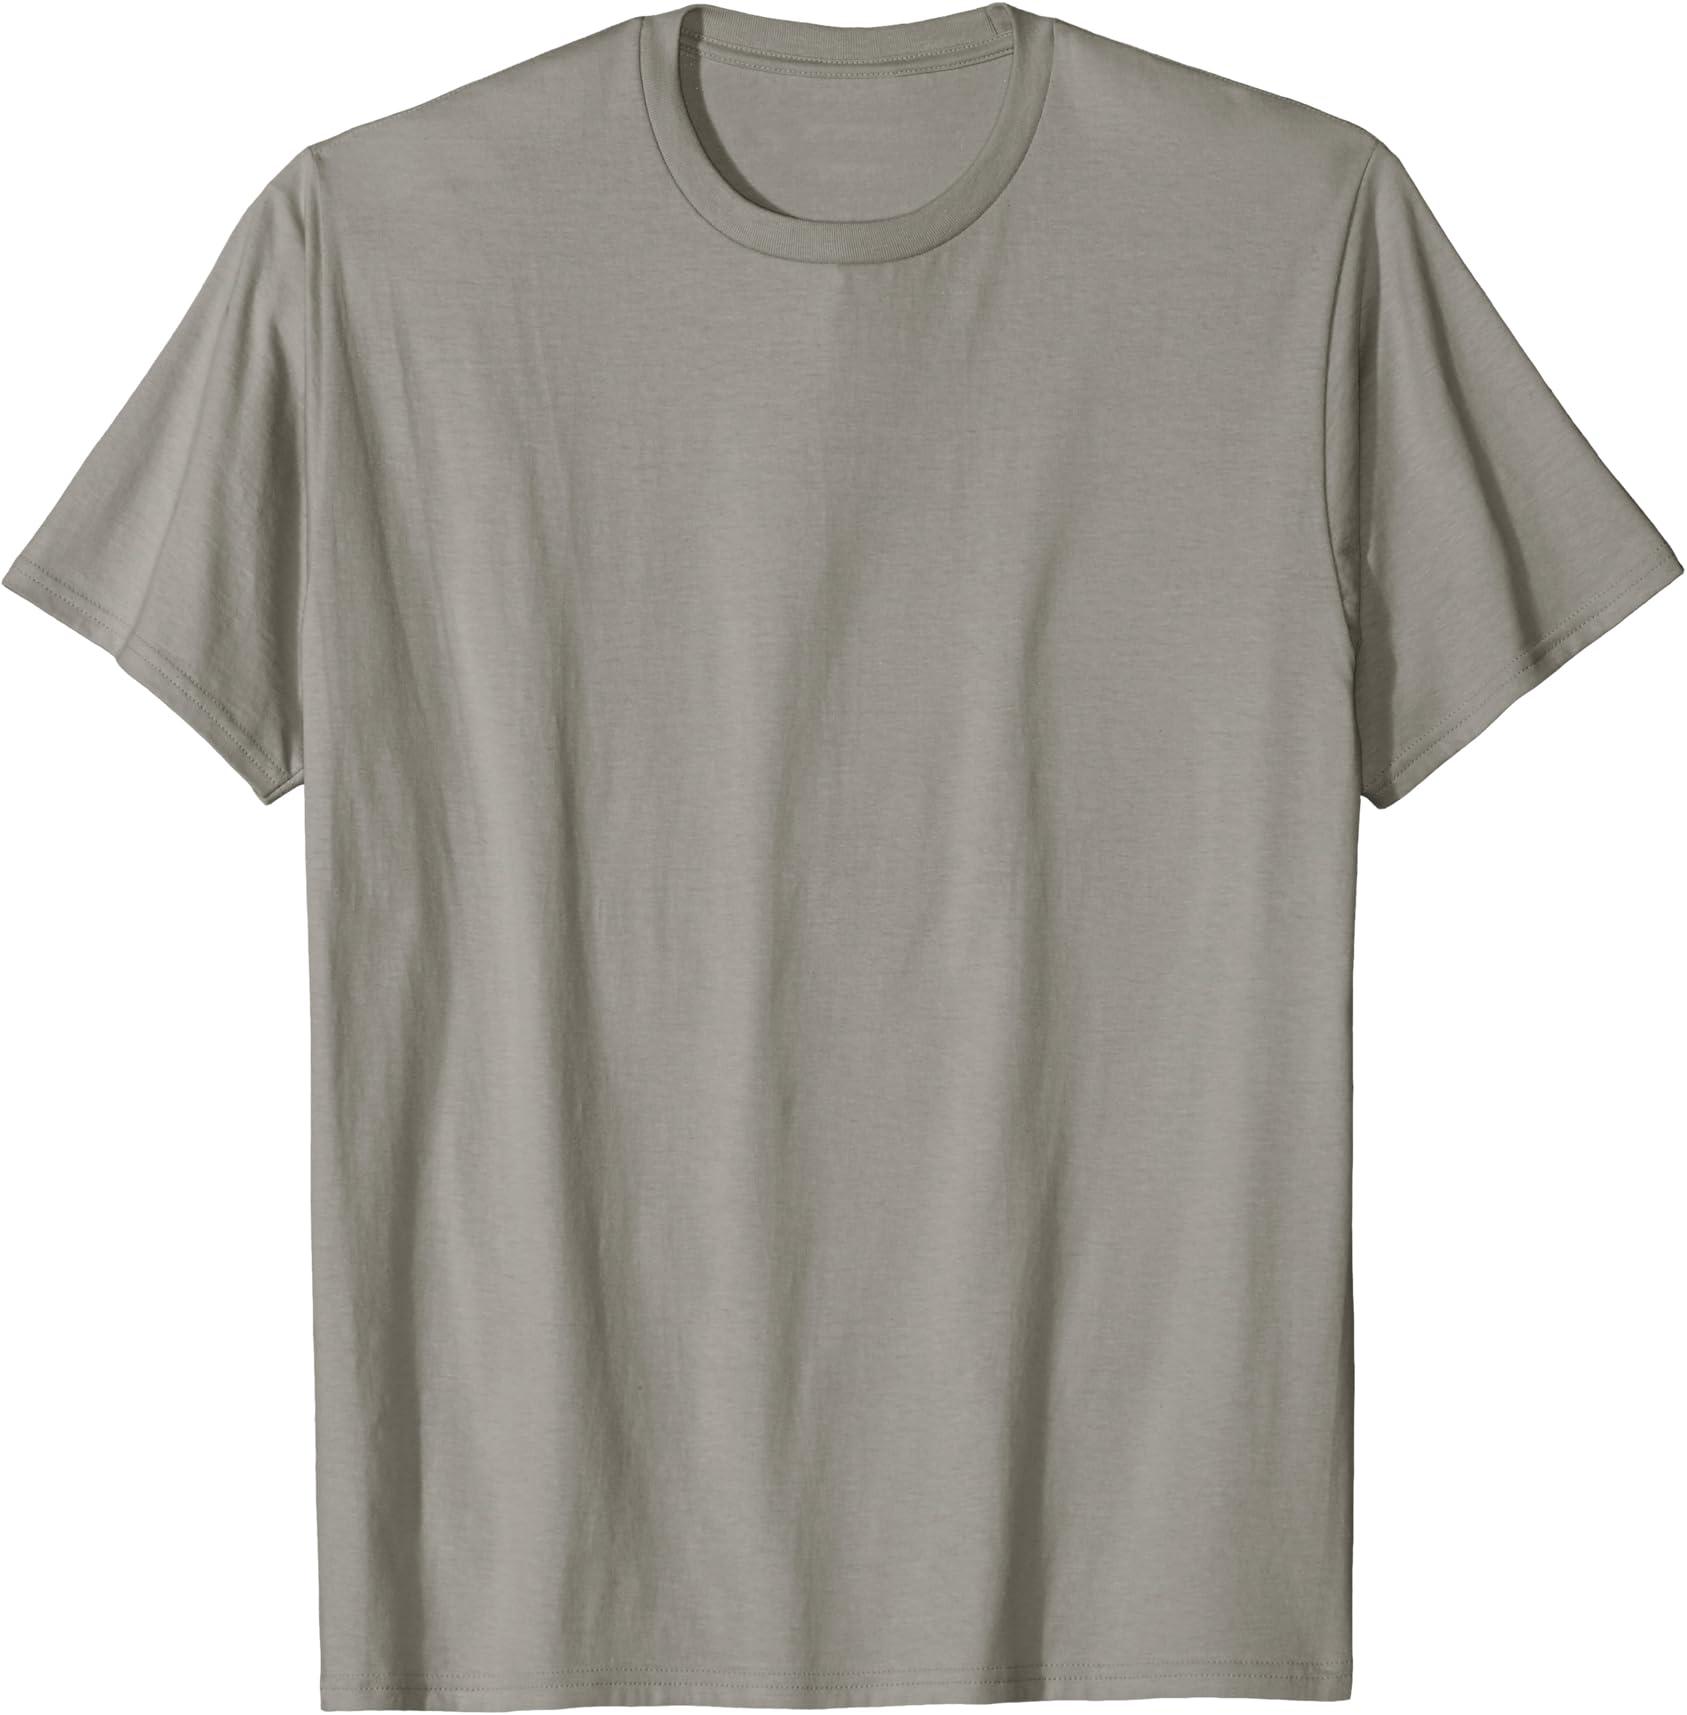 Fart Ninja Military Green Adult T-Shirt